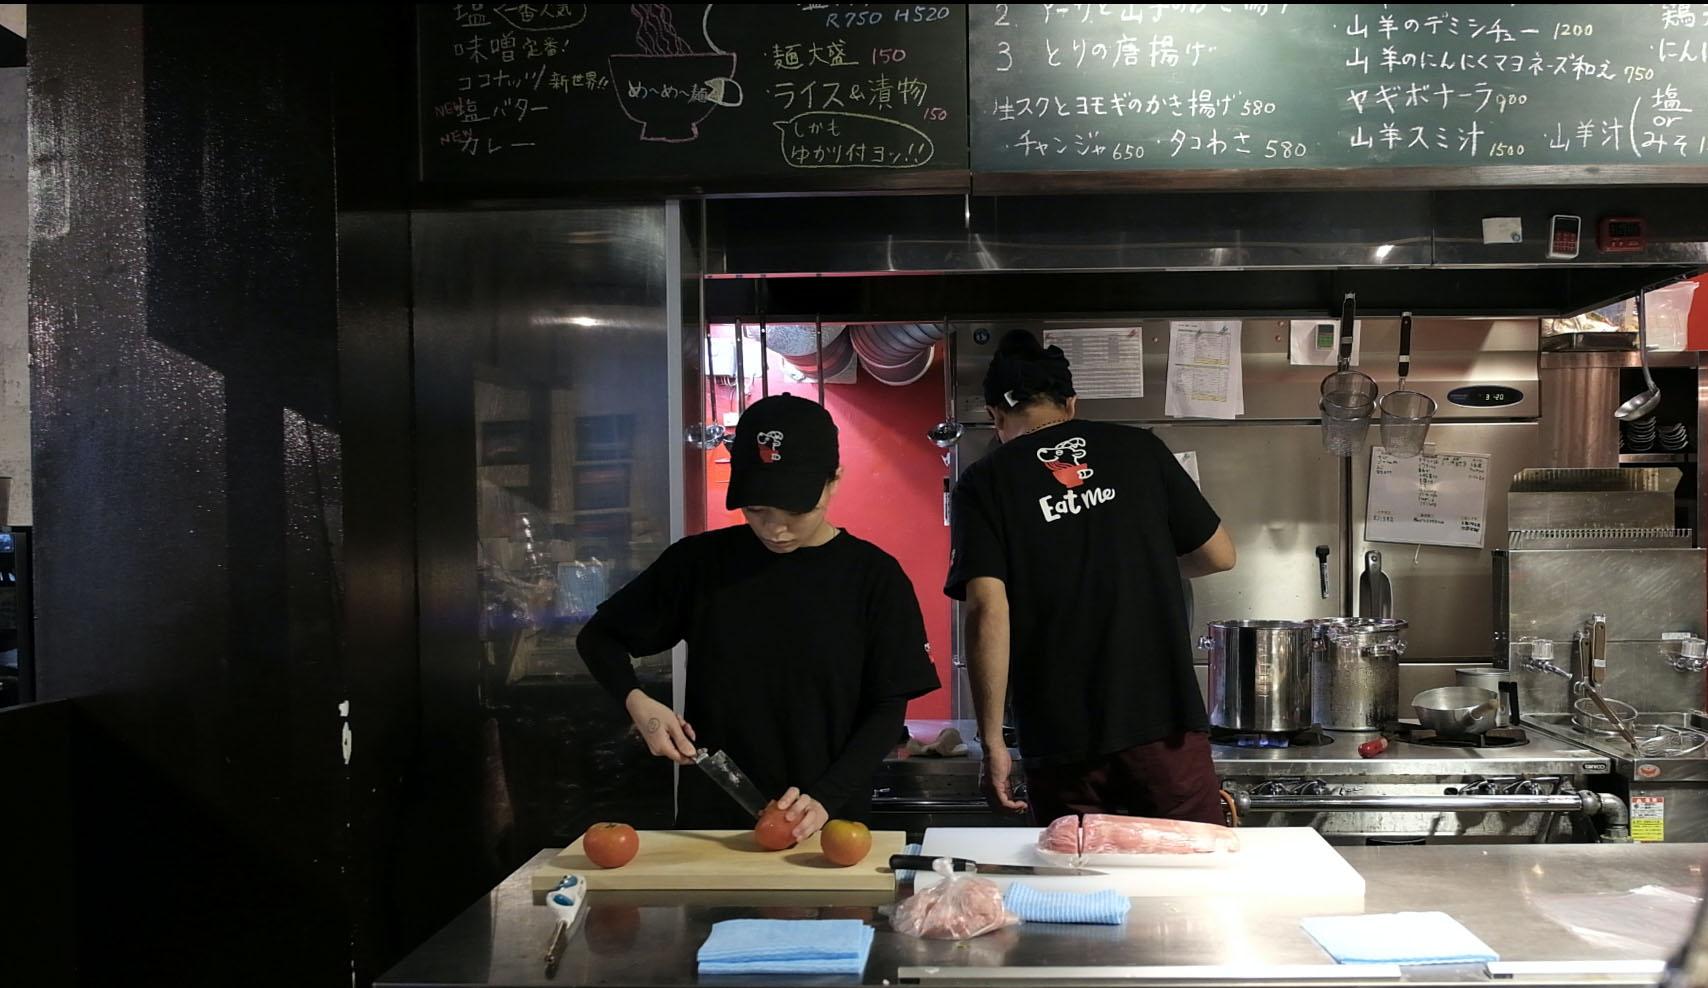 【理想通貨】使えるお店のご紹介 「めーめー麺」さん